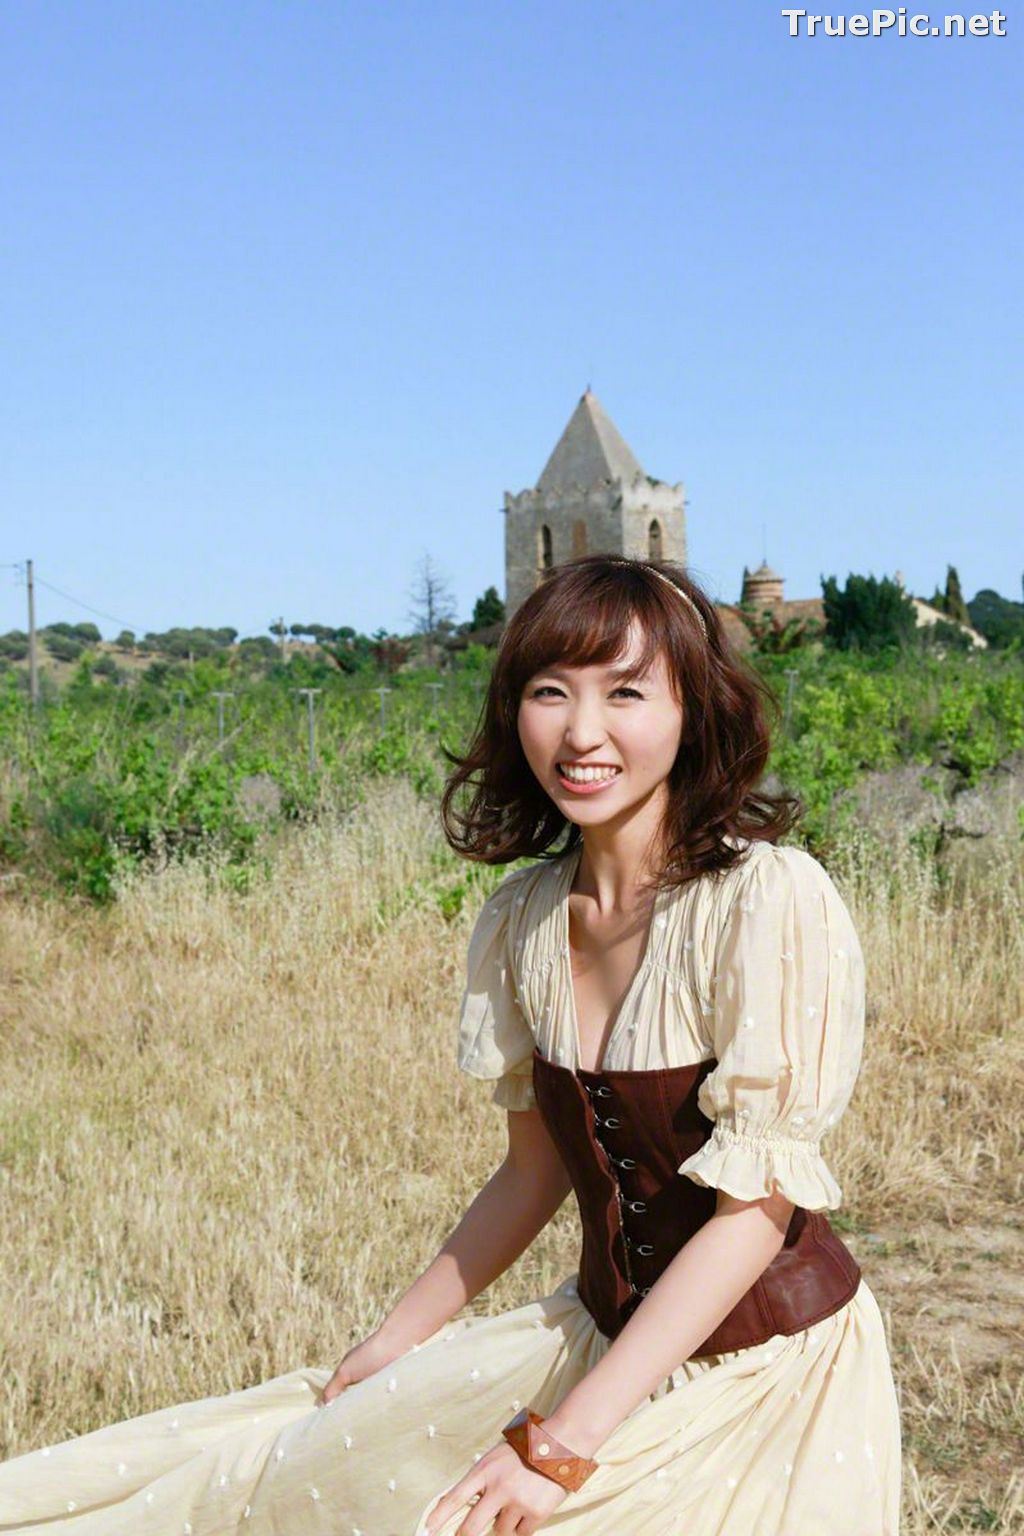 Image Wanibooks No.125 – Japanese Gravure Idol and Singer – Risa Yoshiki - TruePic.net - Picture-9